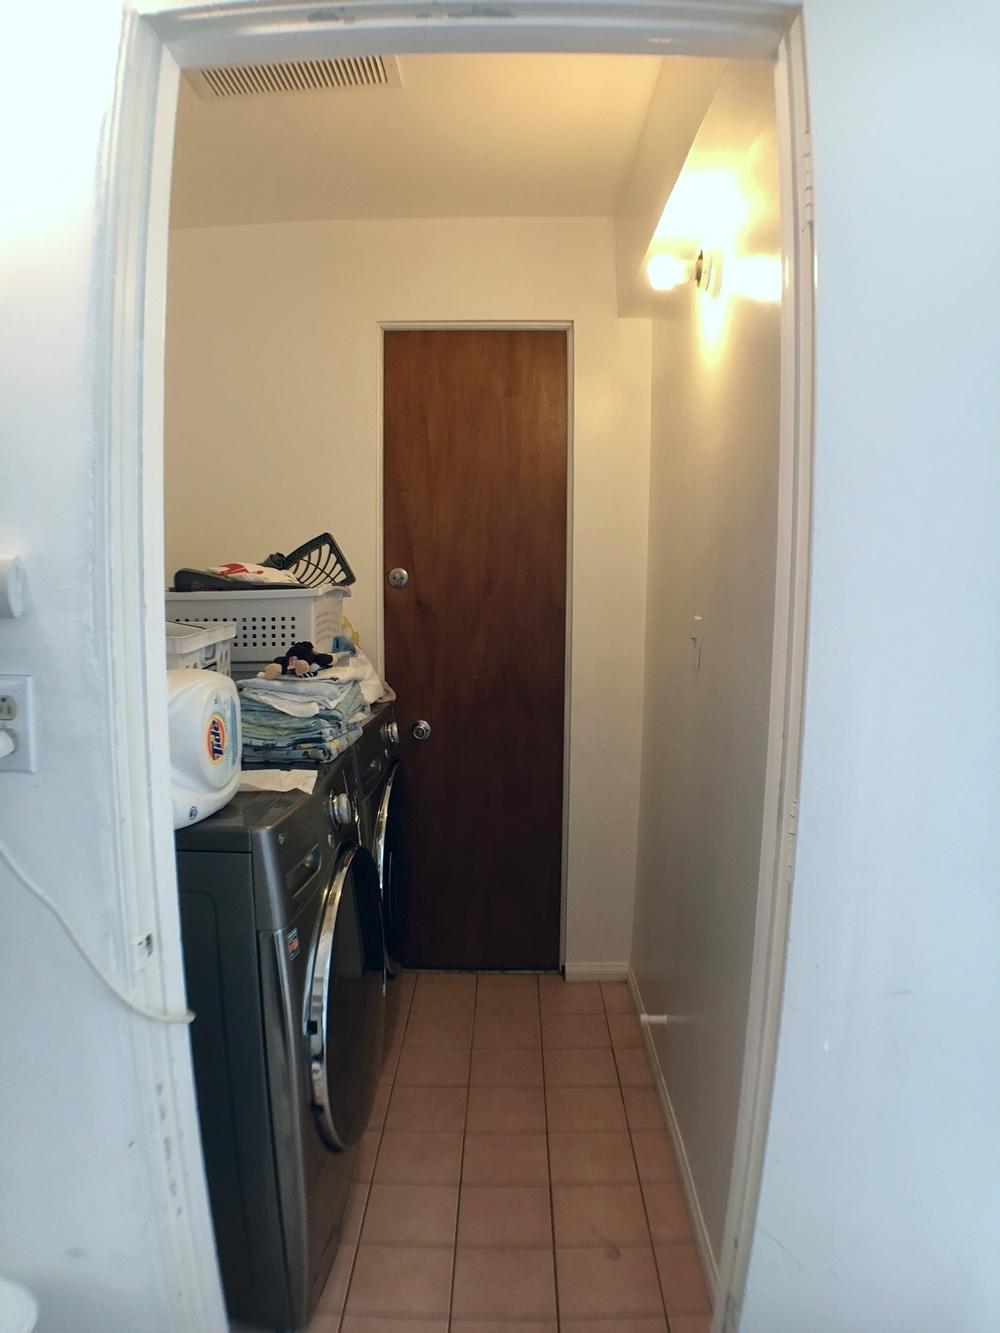 And finally the tiny laundry room!